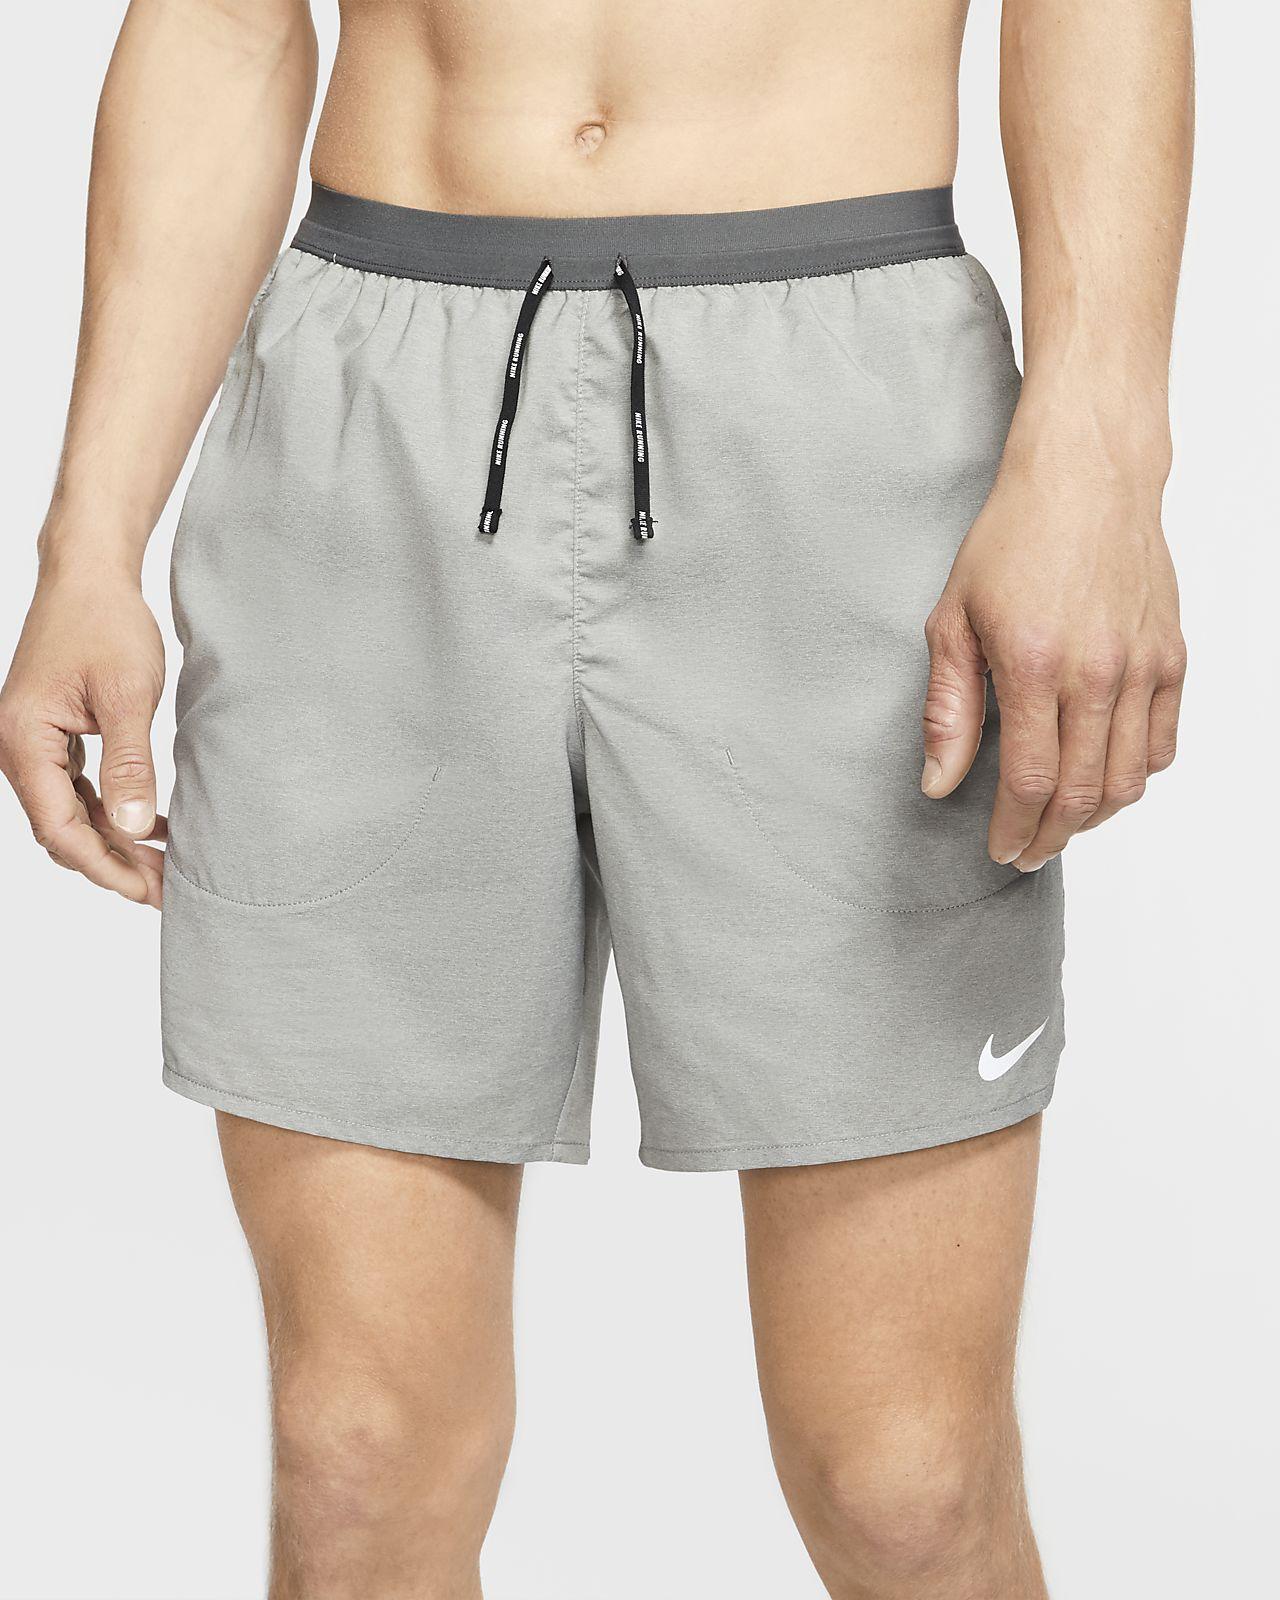 Löparshorts Nike Flex Stride med innerbyxor för män